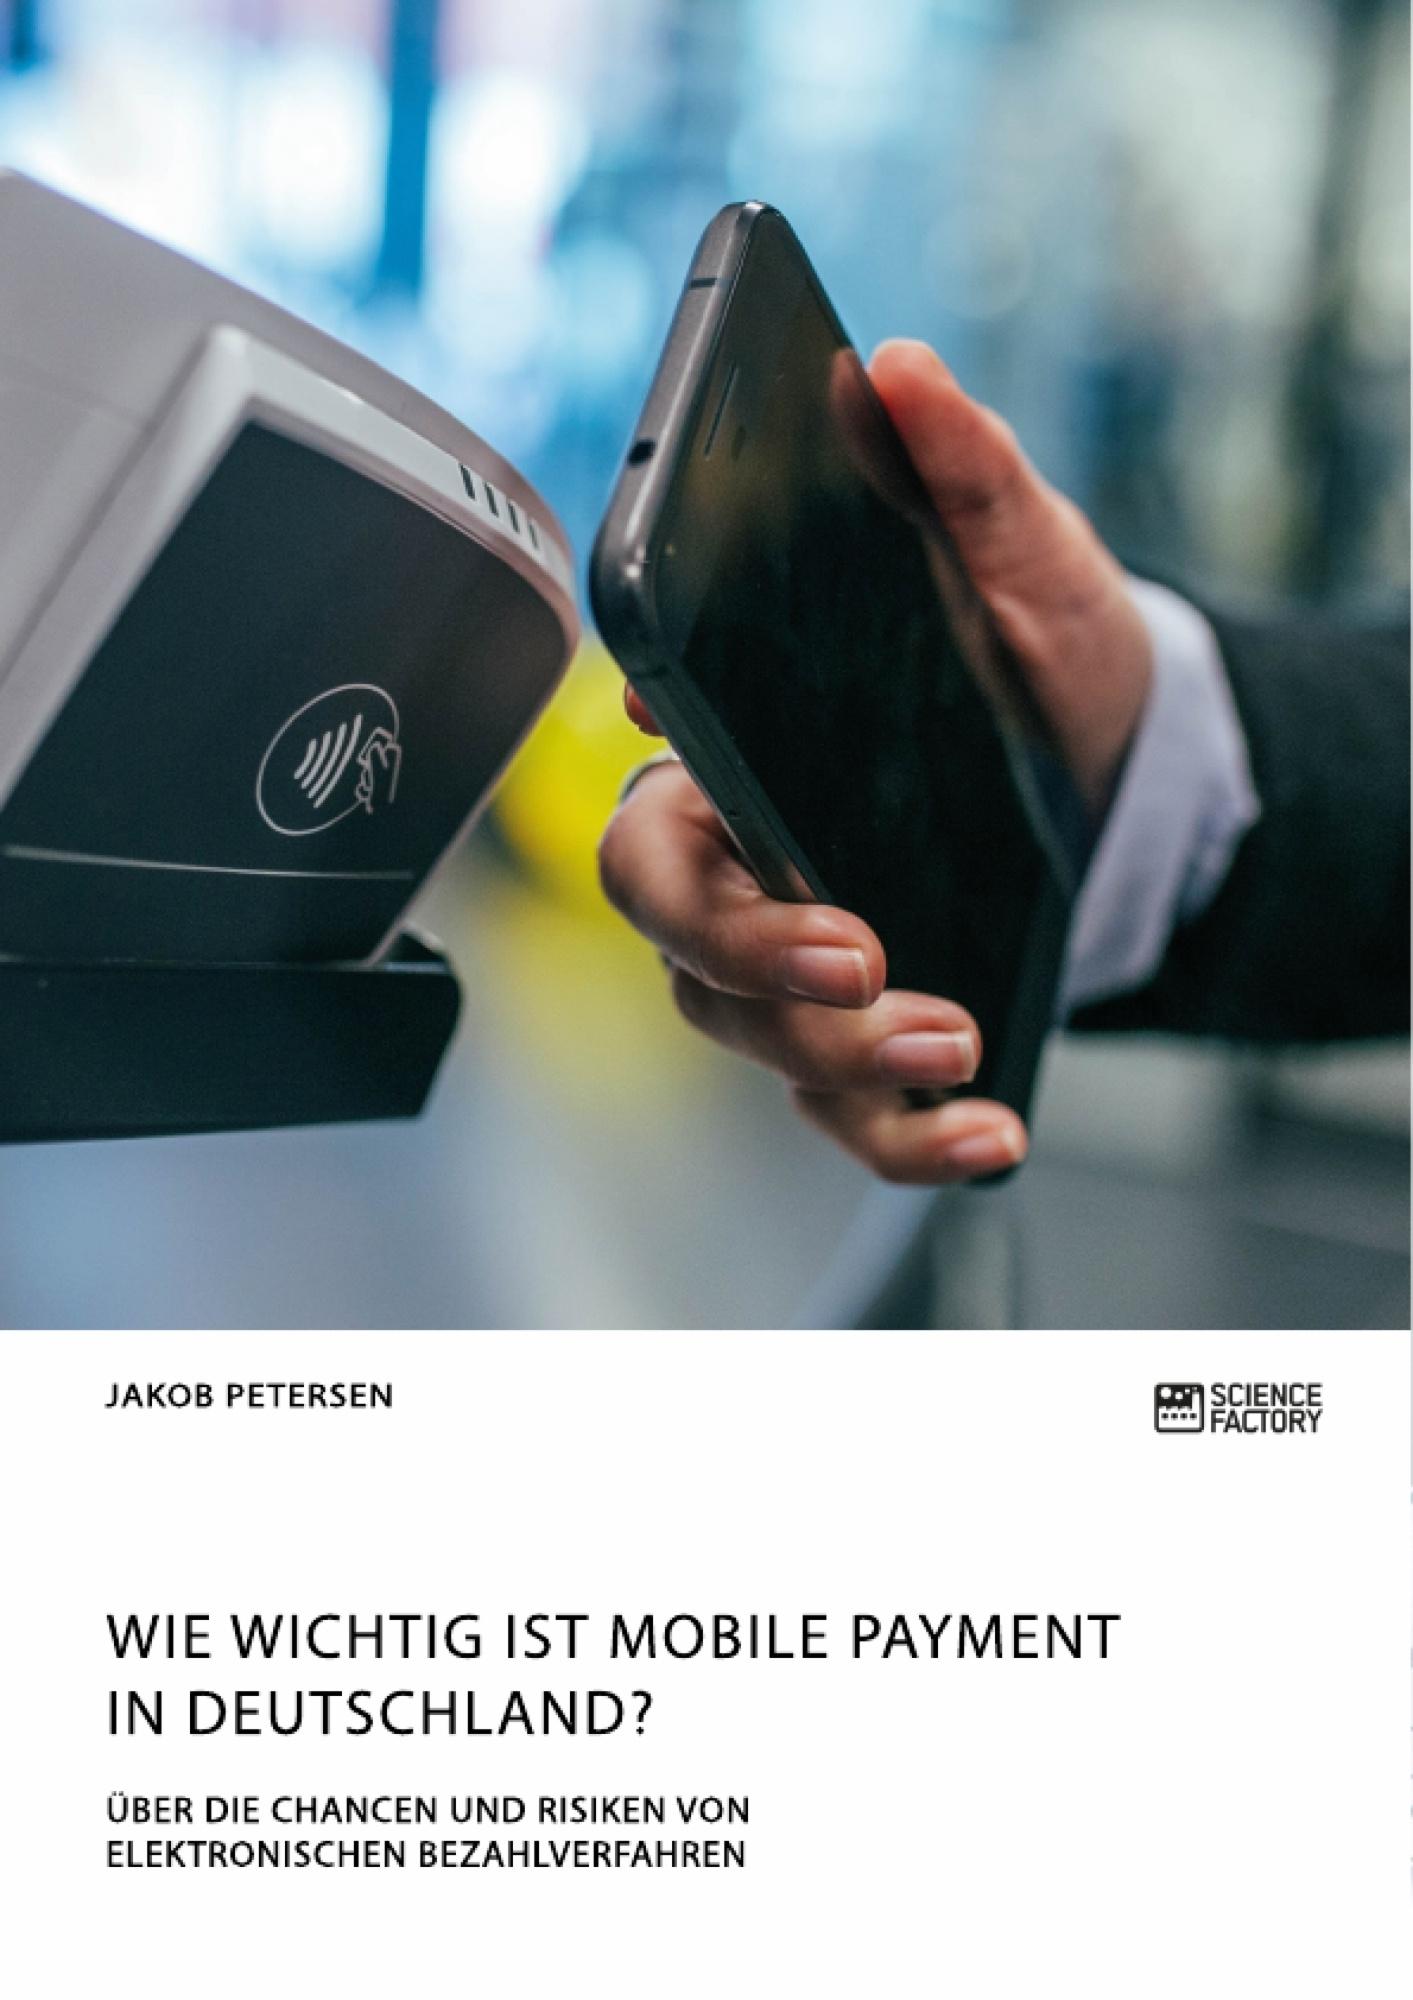 Titel: Wie wichtig ist Mobile Payment in Deutschland? Über die Chancen und Risiken von elektronischen Bezahlverfahren